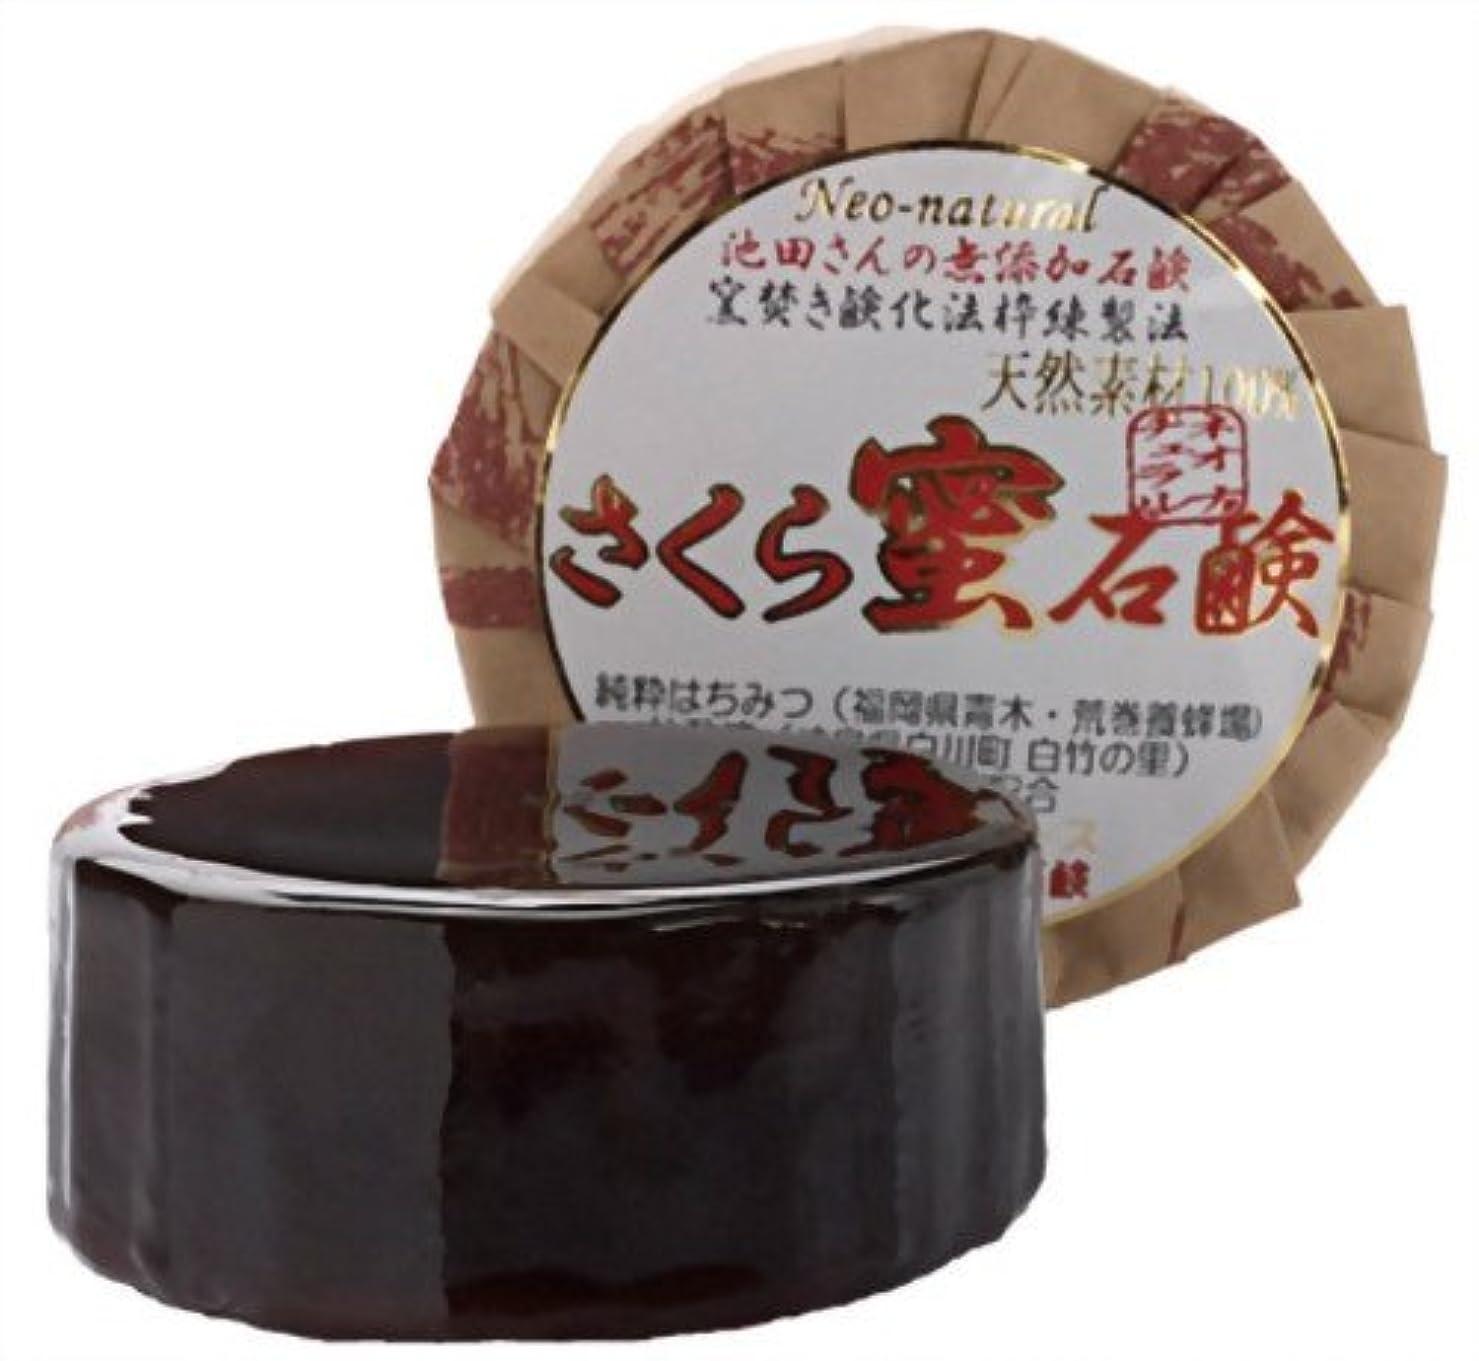 アッパー手綱しないネオナチュラル 池田さんのさくら蜜石鹸 105g